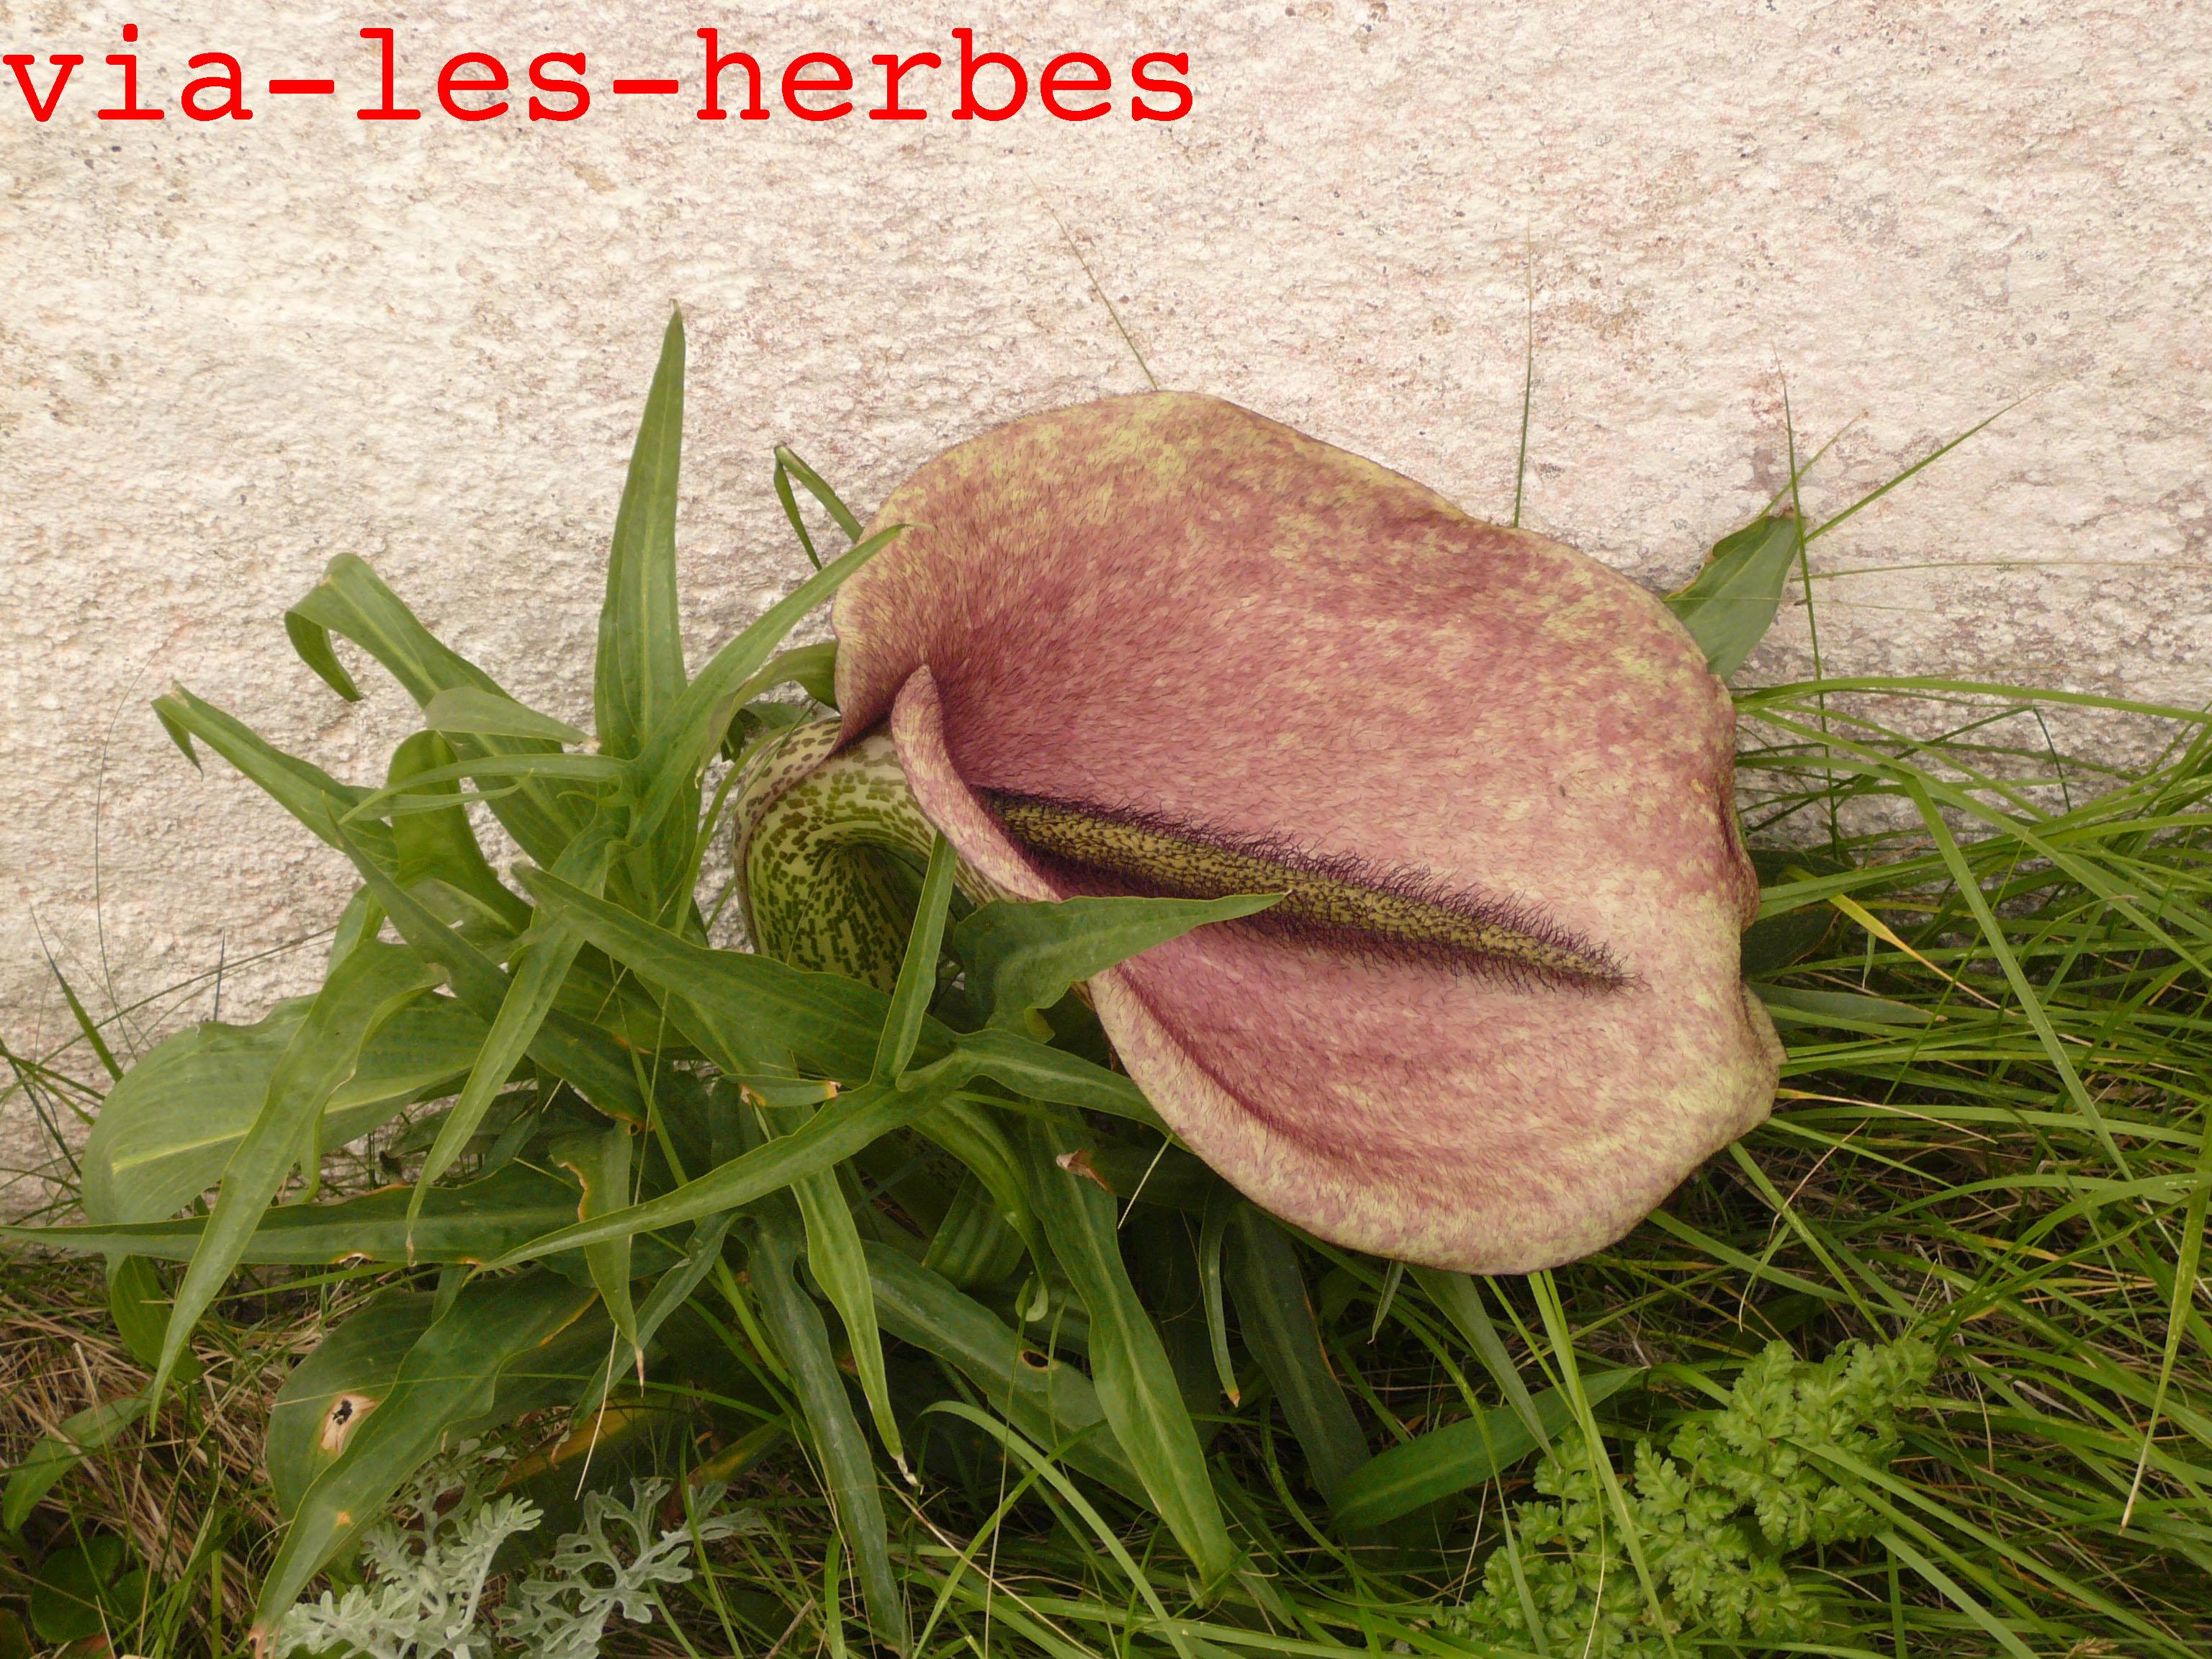 les plantes toxiques sauvages ou cultivées | via-les-herbes